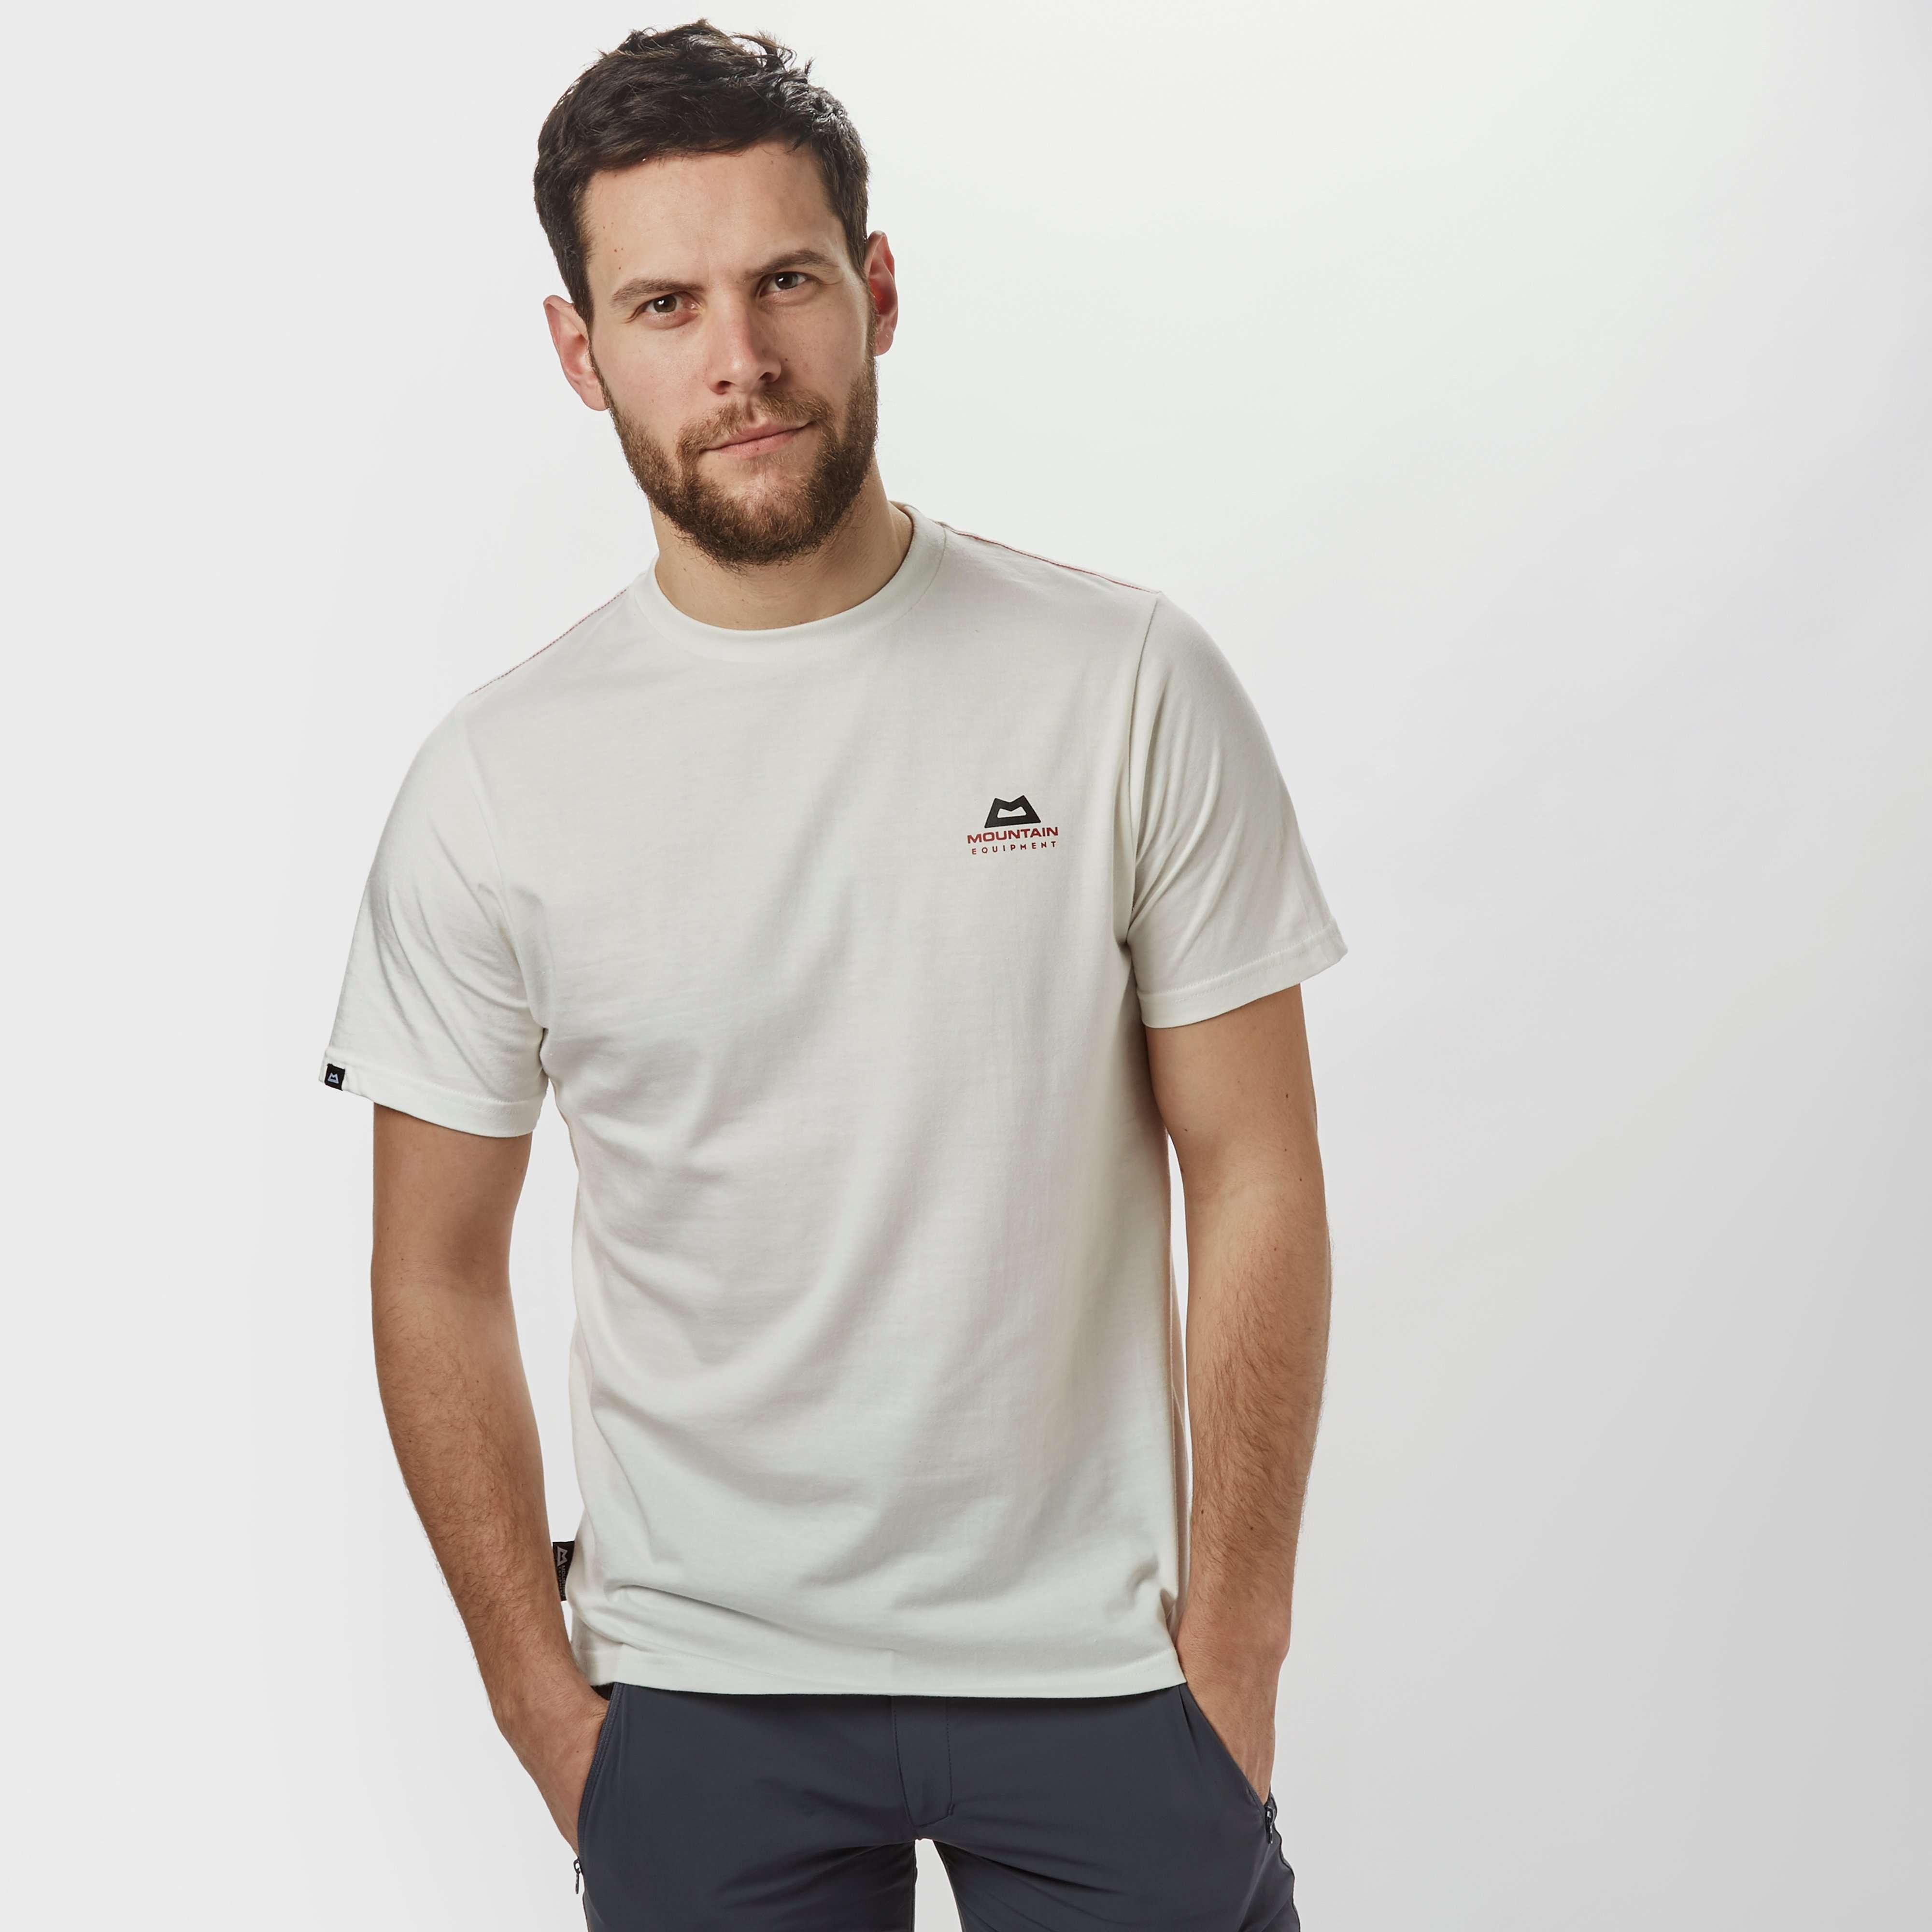 MOUNTAIN EQUIPMENT Back Logo T-Shirt